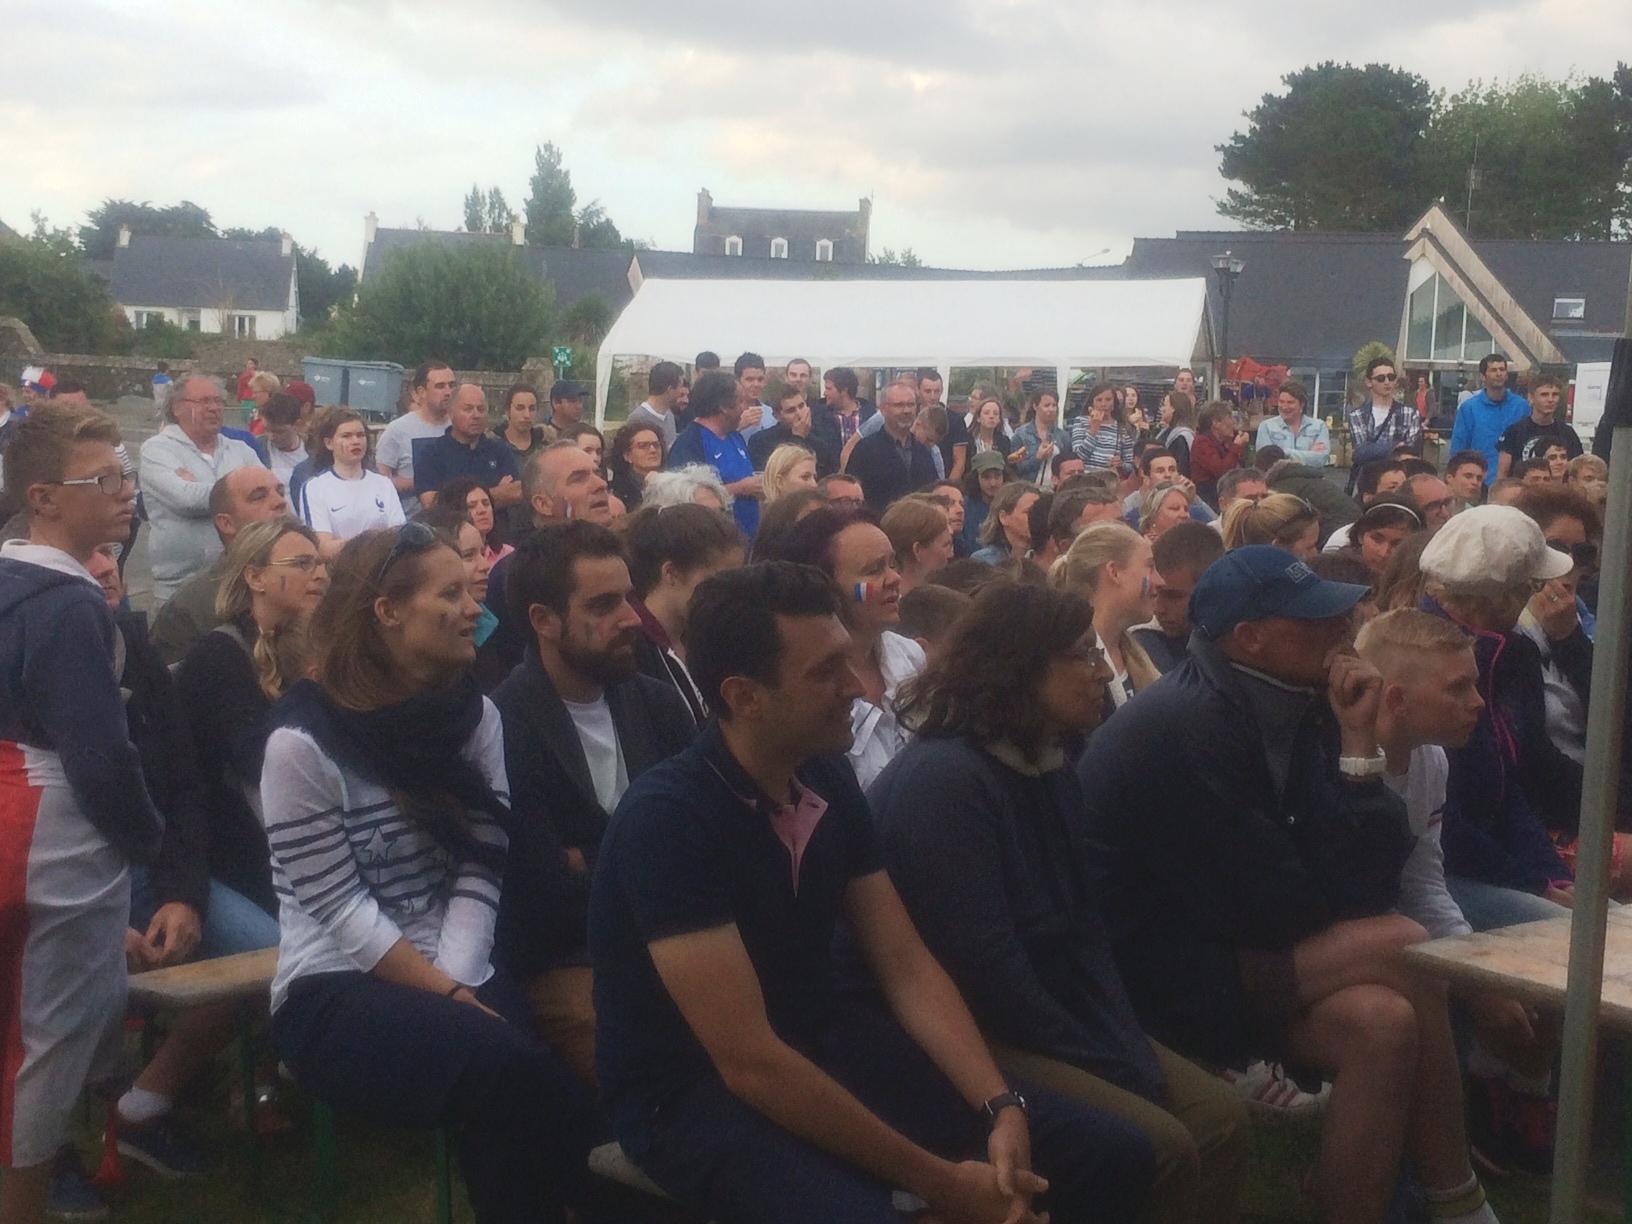 il y avait du monde à regarder la finale de foot sur écran géant au bourg de Trévou,